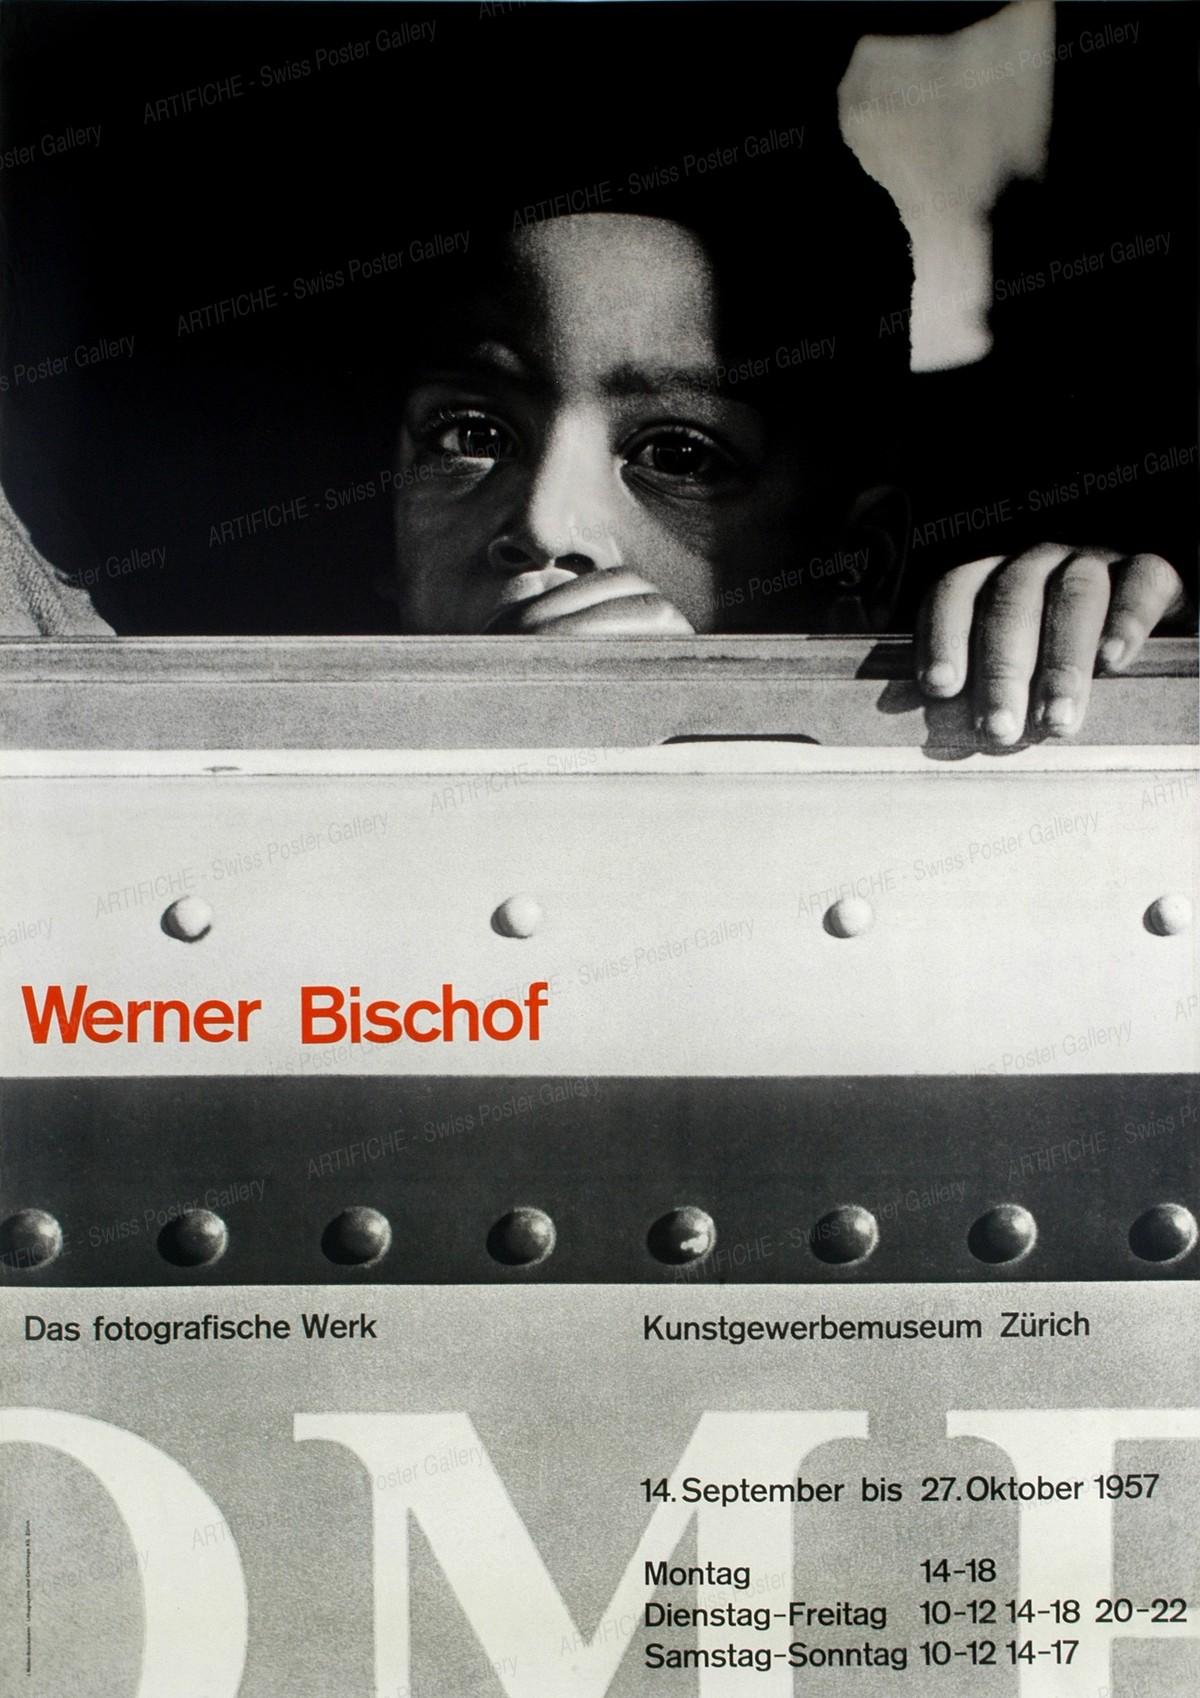 Werner Bischof – Das fotografische Werk 14. September – 27. Oktober 1957 – Kunstgewerbemuseum Zürich, Josef Müller-Brockmann